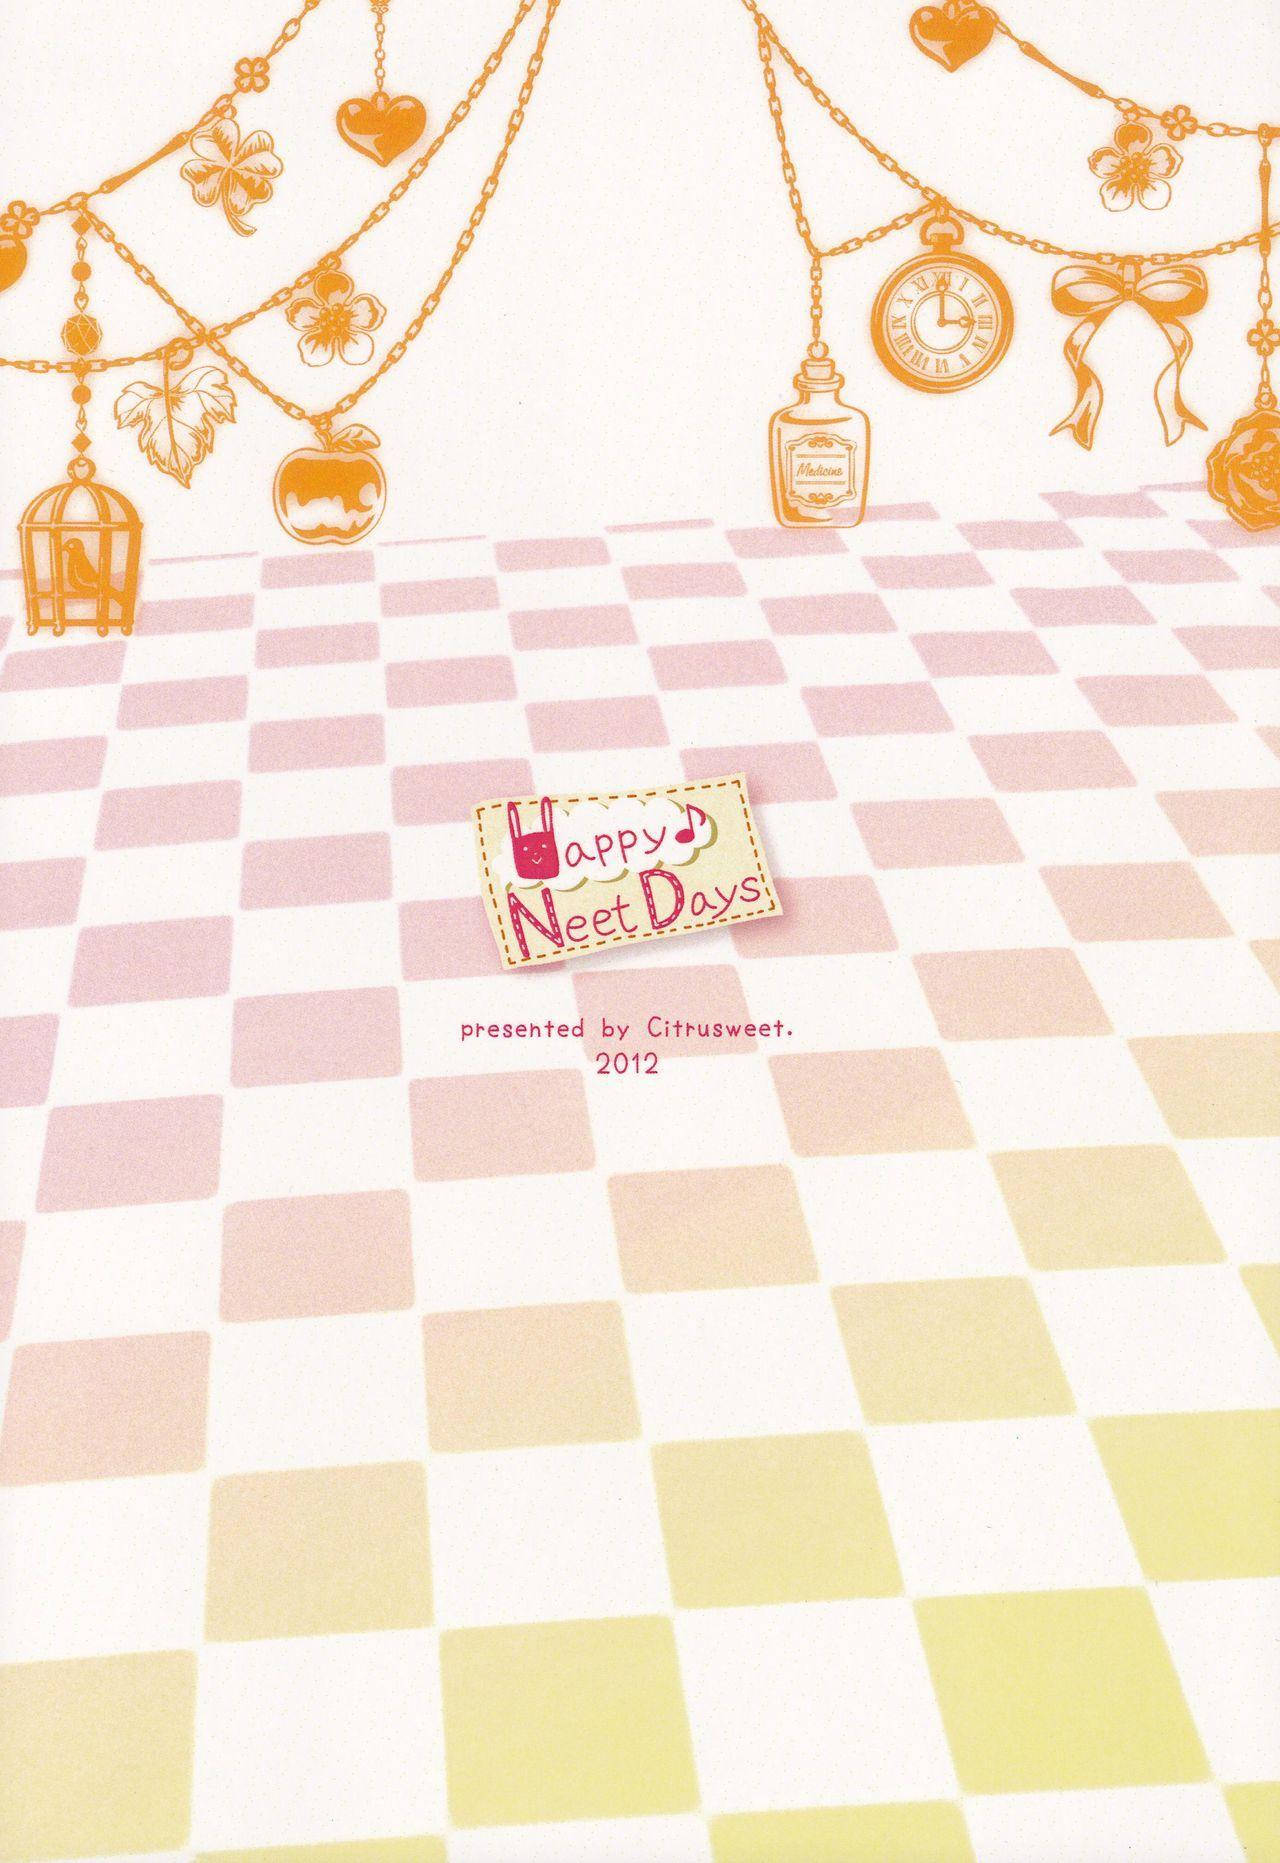 Happy Neet Days 25